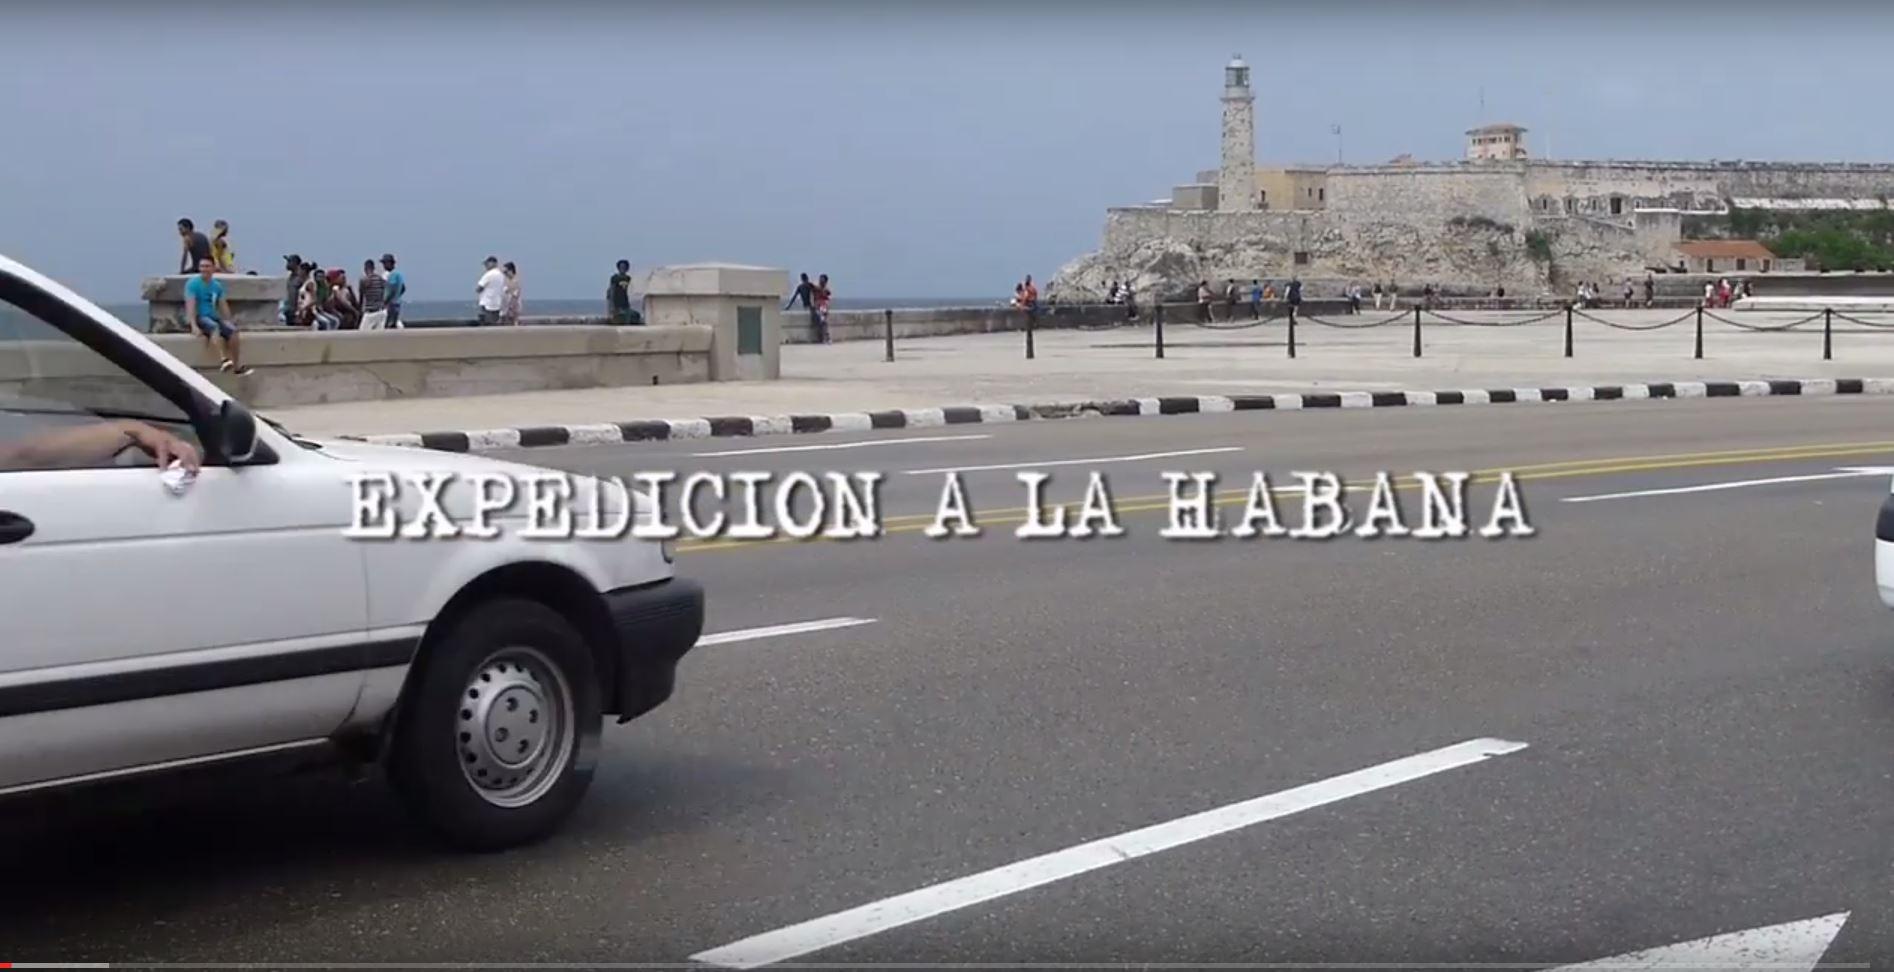 foto noticia: Kursaal Rehabilitaciones hemos sido invitados a unas jornadas sobre rehabilitación histórica, patrimonio y eficiencia energética celebradas en La Habana